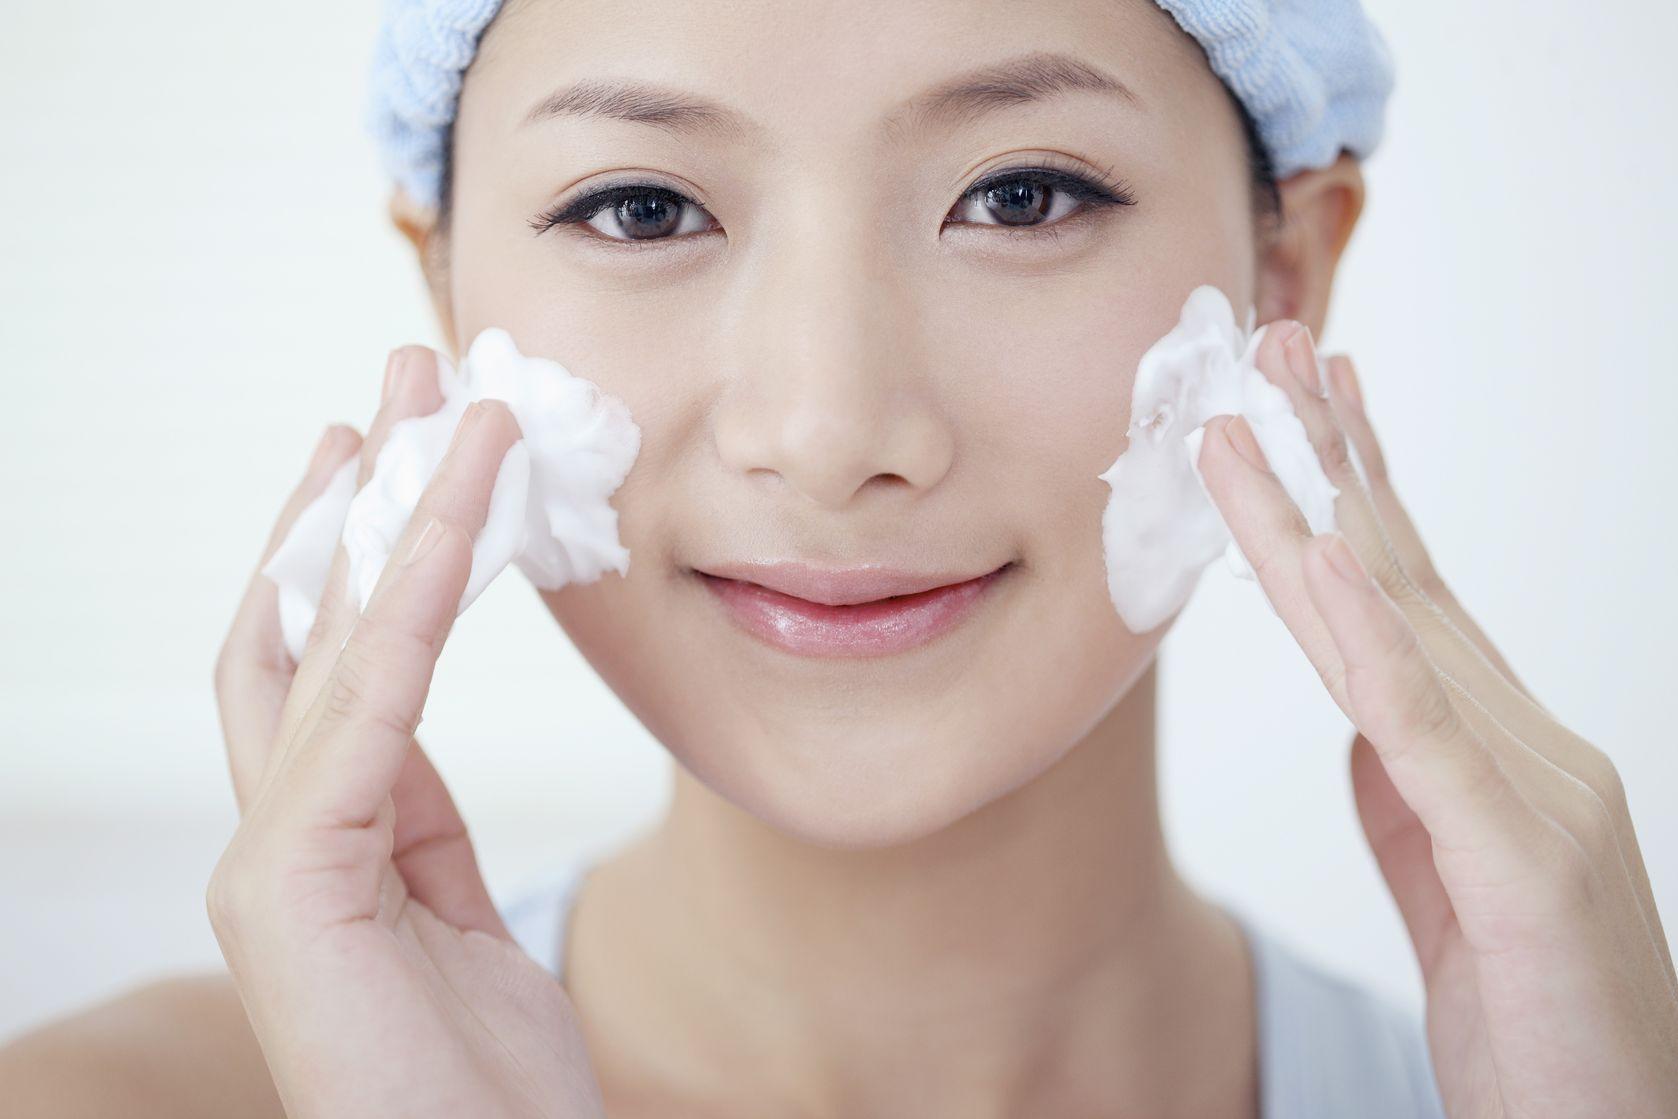 4 kiểu chăm sóc da sai lầm chỉ khiến da ngày càng già đi rõ rệt - Ảnh 1.